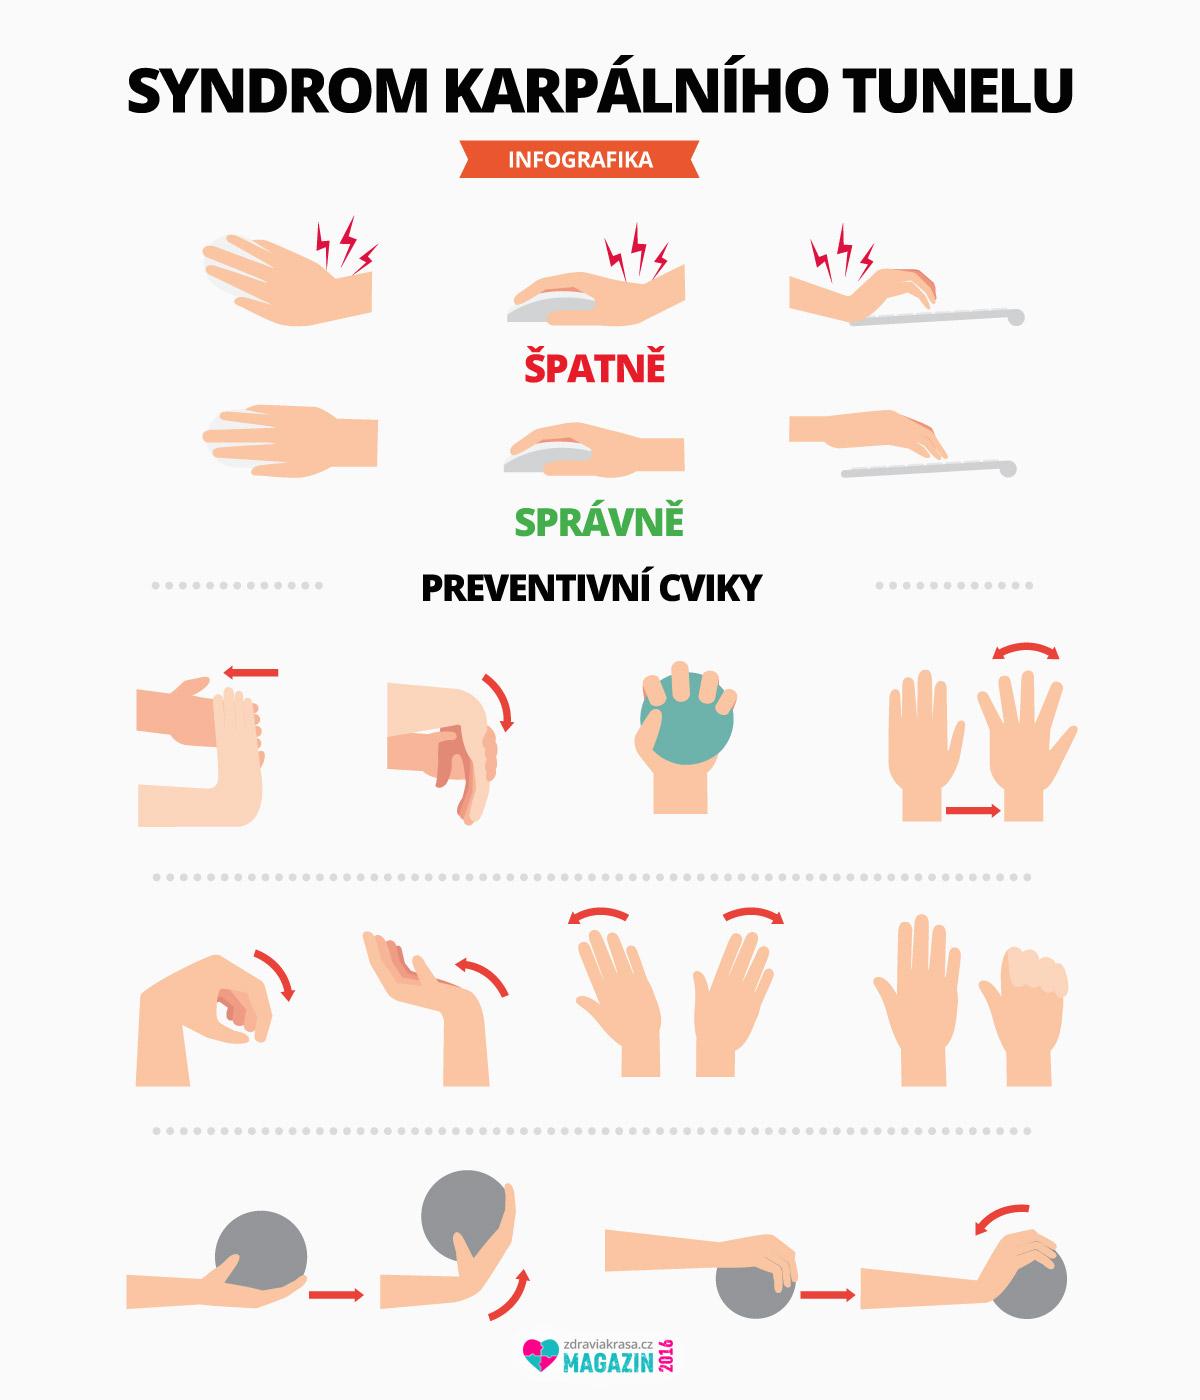 Víte, že jednou z nejčastějších příčin vzniku syndromu karpálního tunelu je nesprávná ergonomie při práci s klávesnicí a myší? Podívejte se, které polohy jsou nesprávné a naučte se základní preventivní cviky, které vzniku problému zamezí.